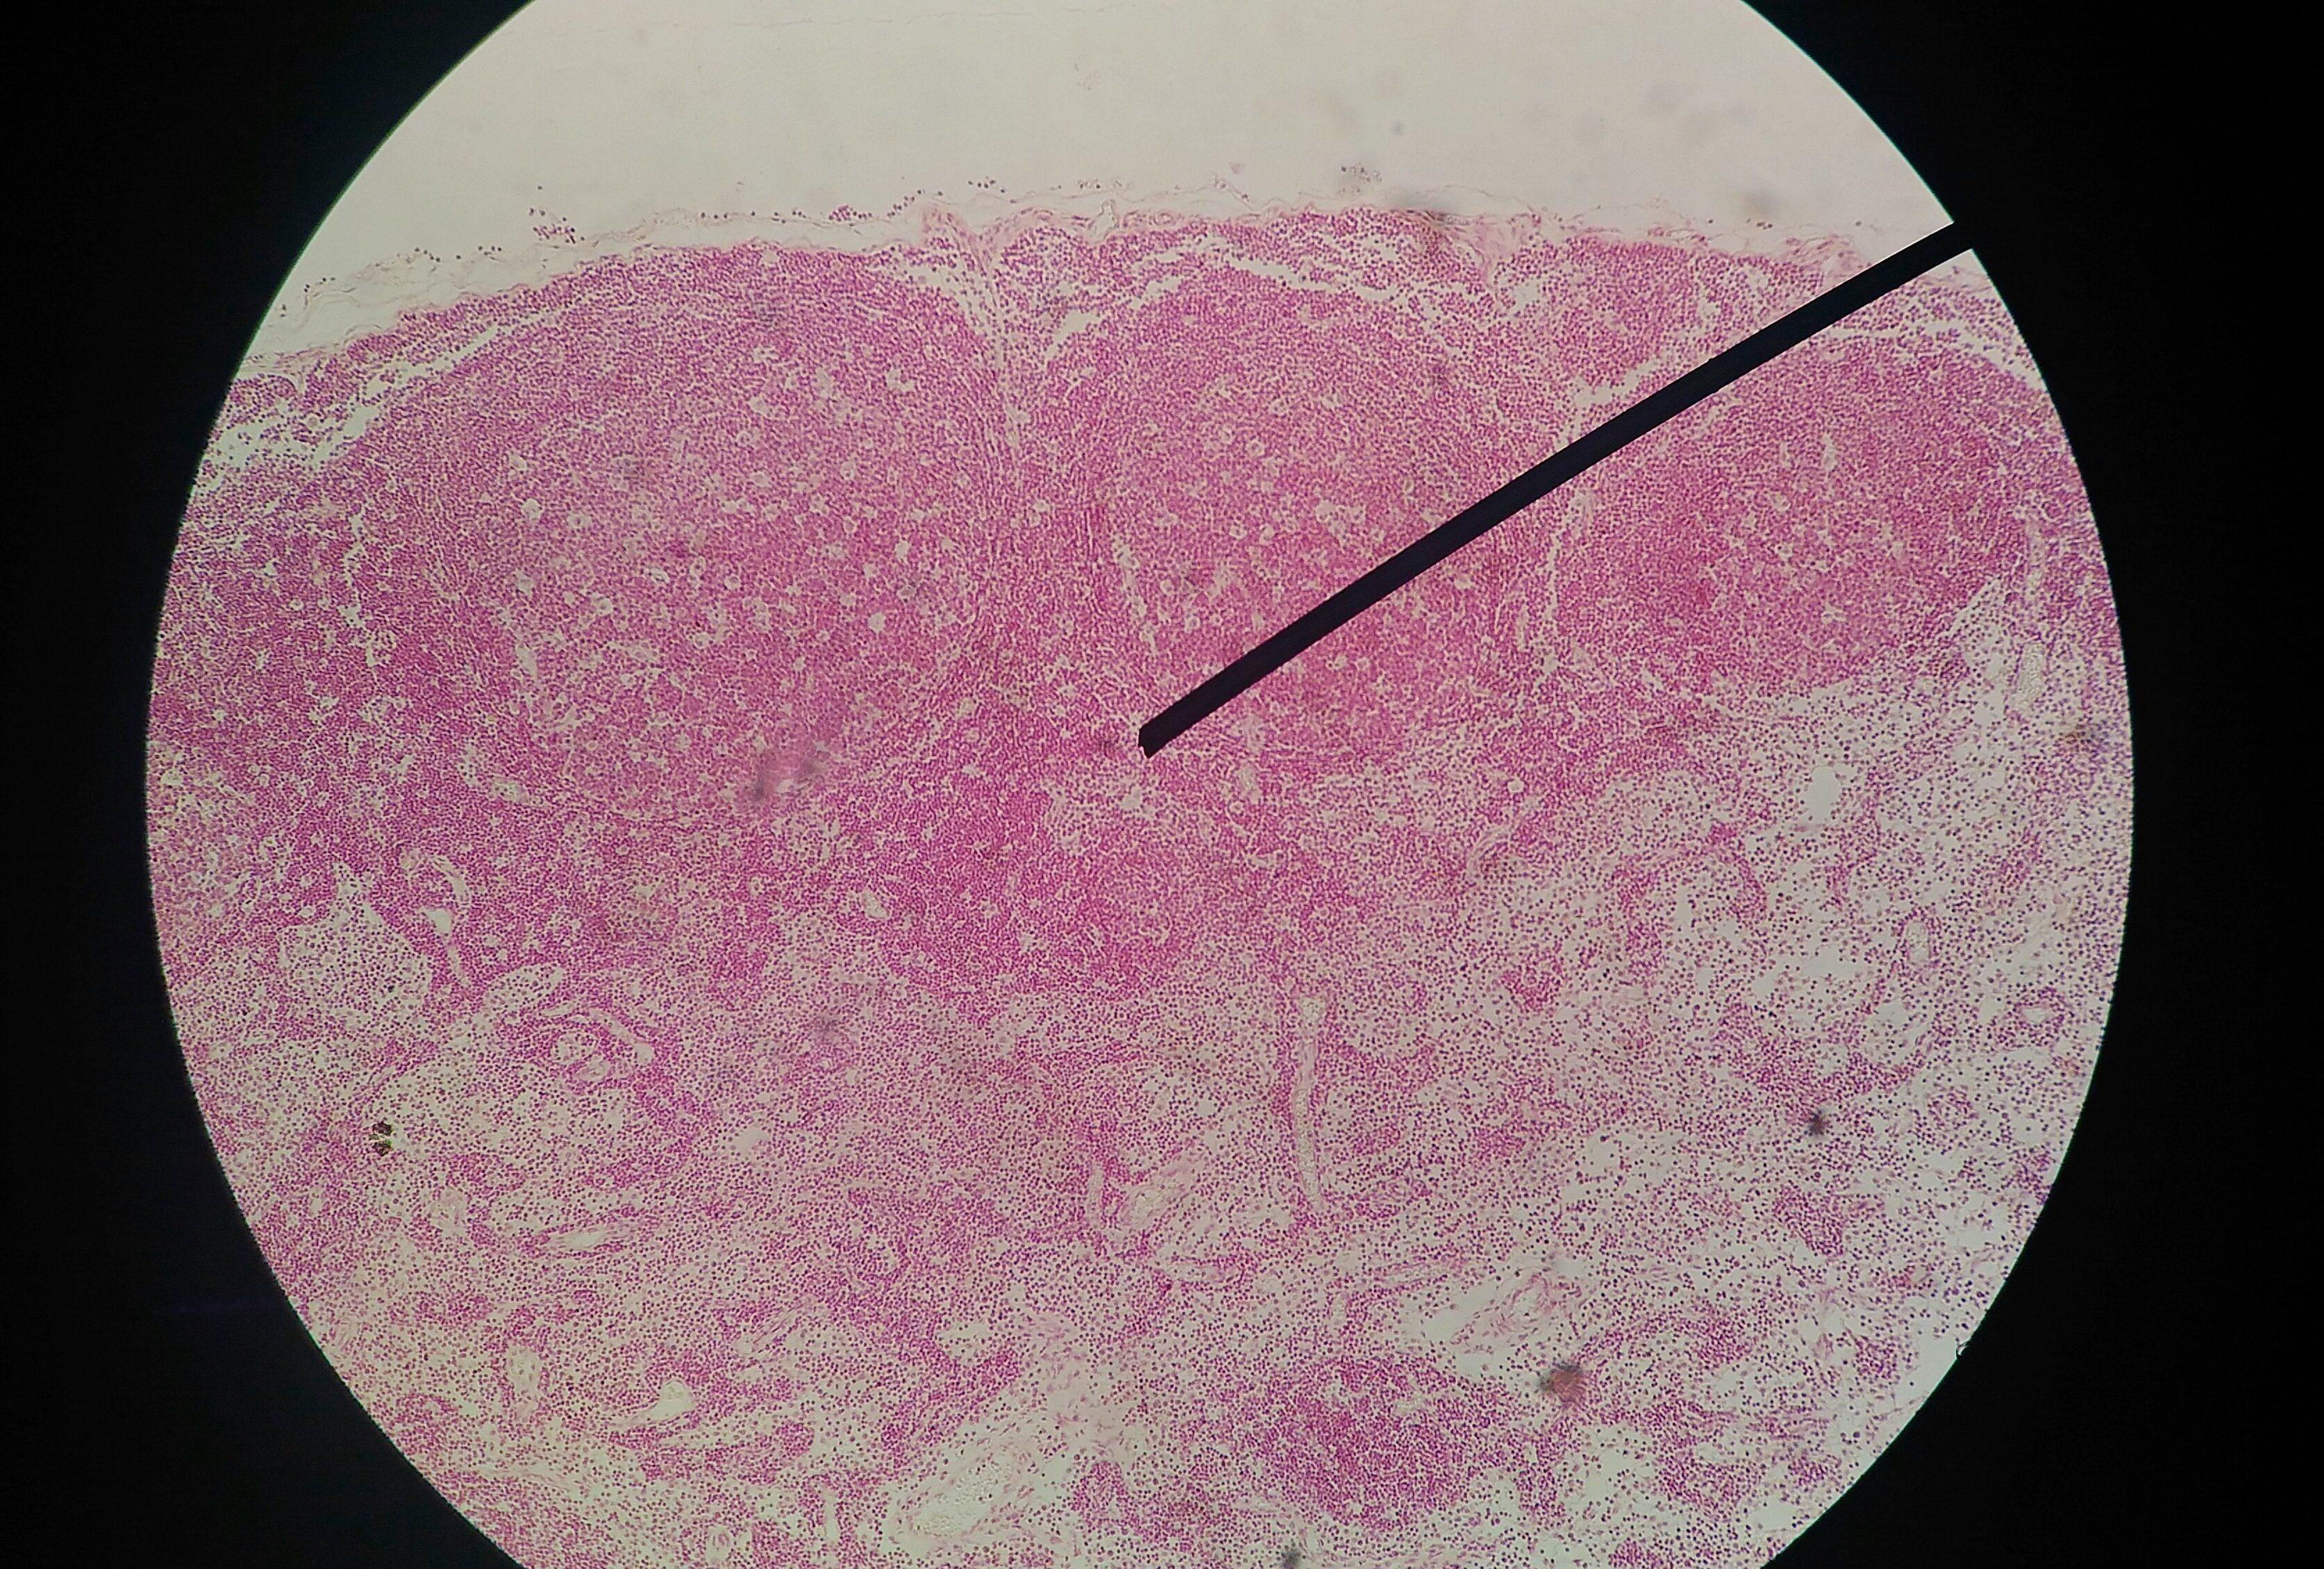 Papilloma virus uomo esame, Papilloma uomo esame. Rectal cancer mri staging